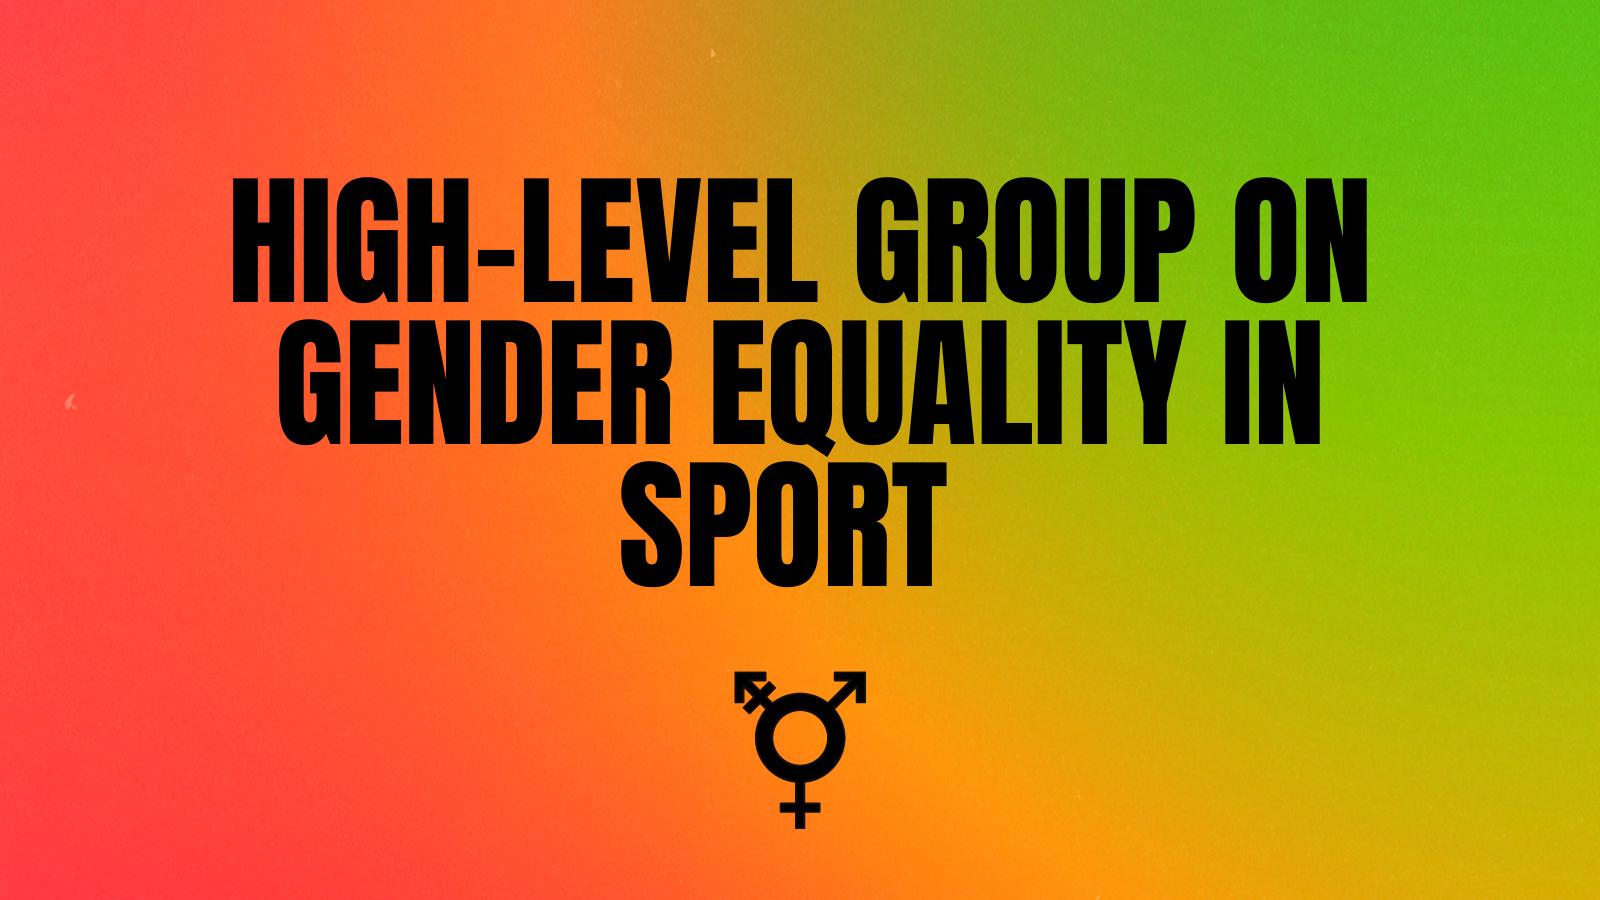 Gender equality in sport banner